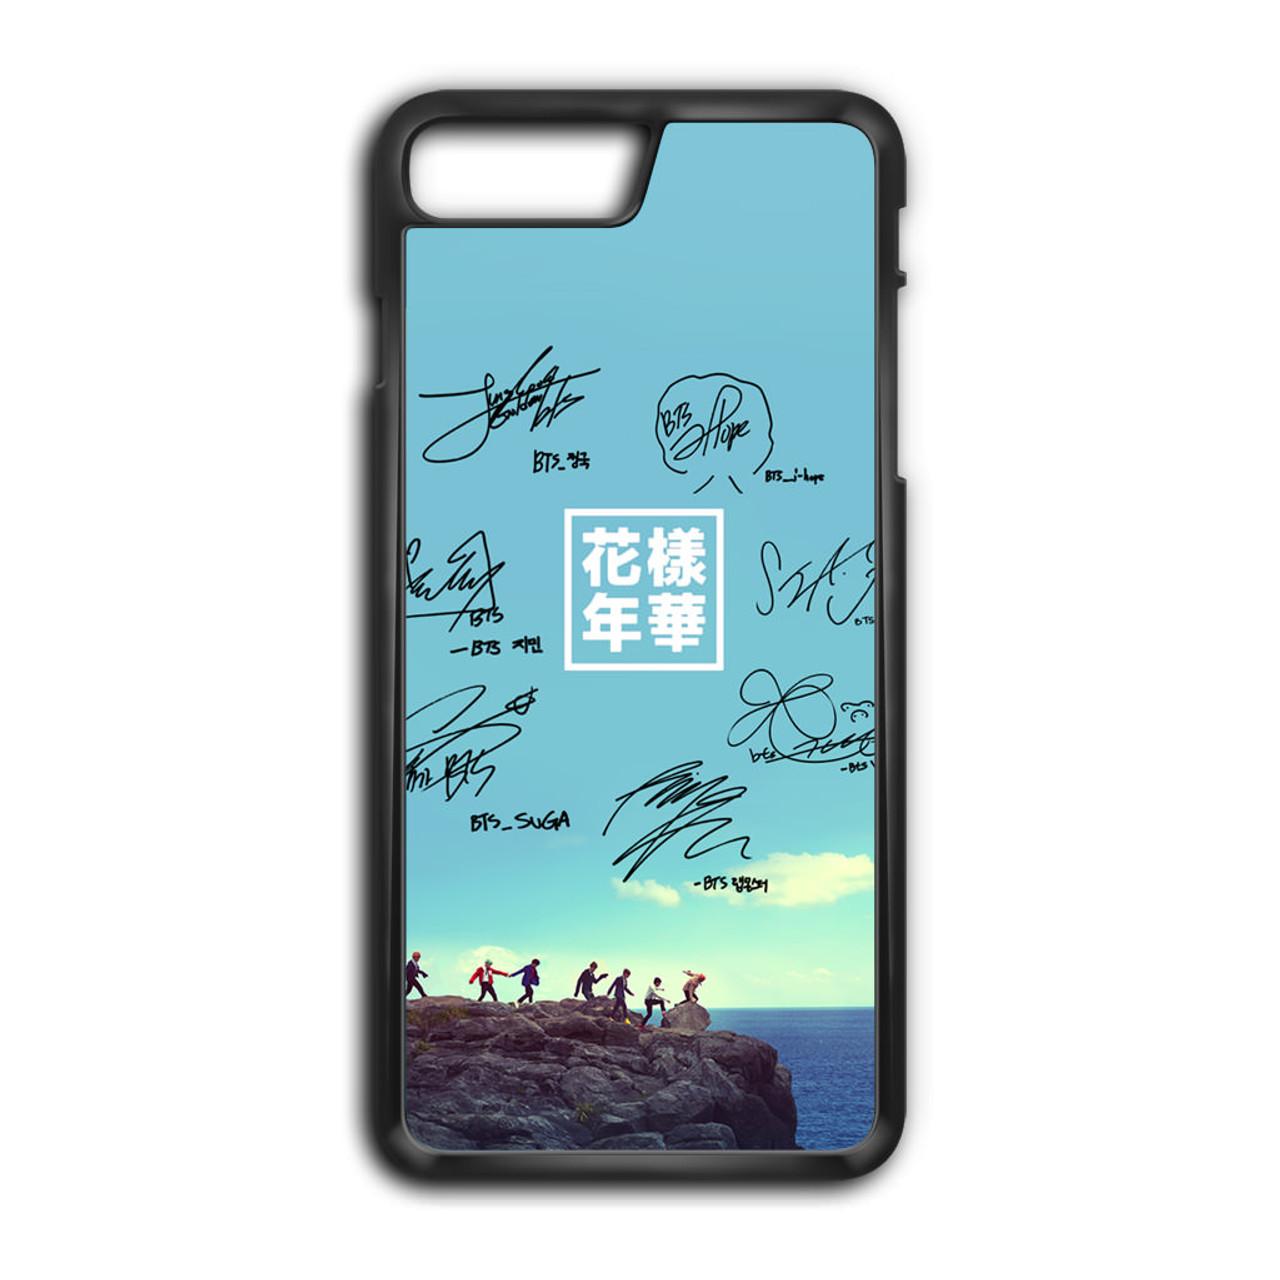 bts iphone 8 plus case